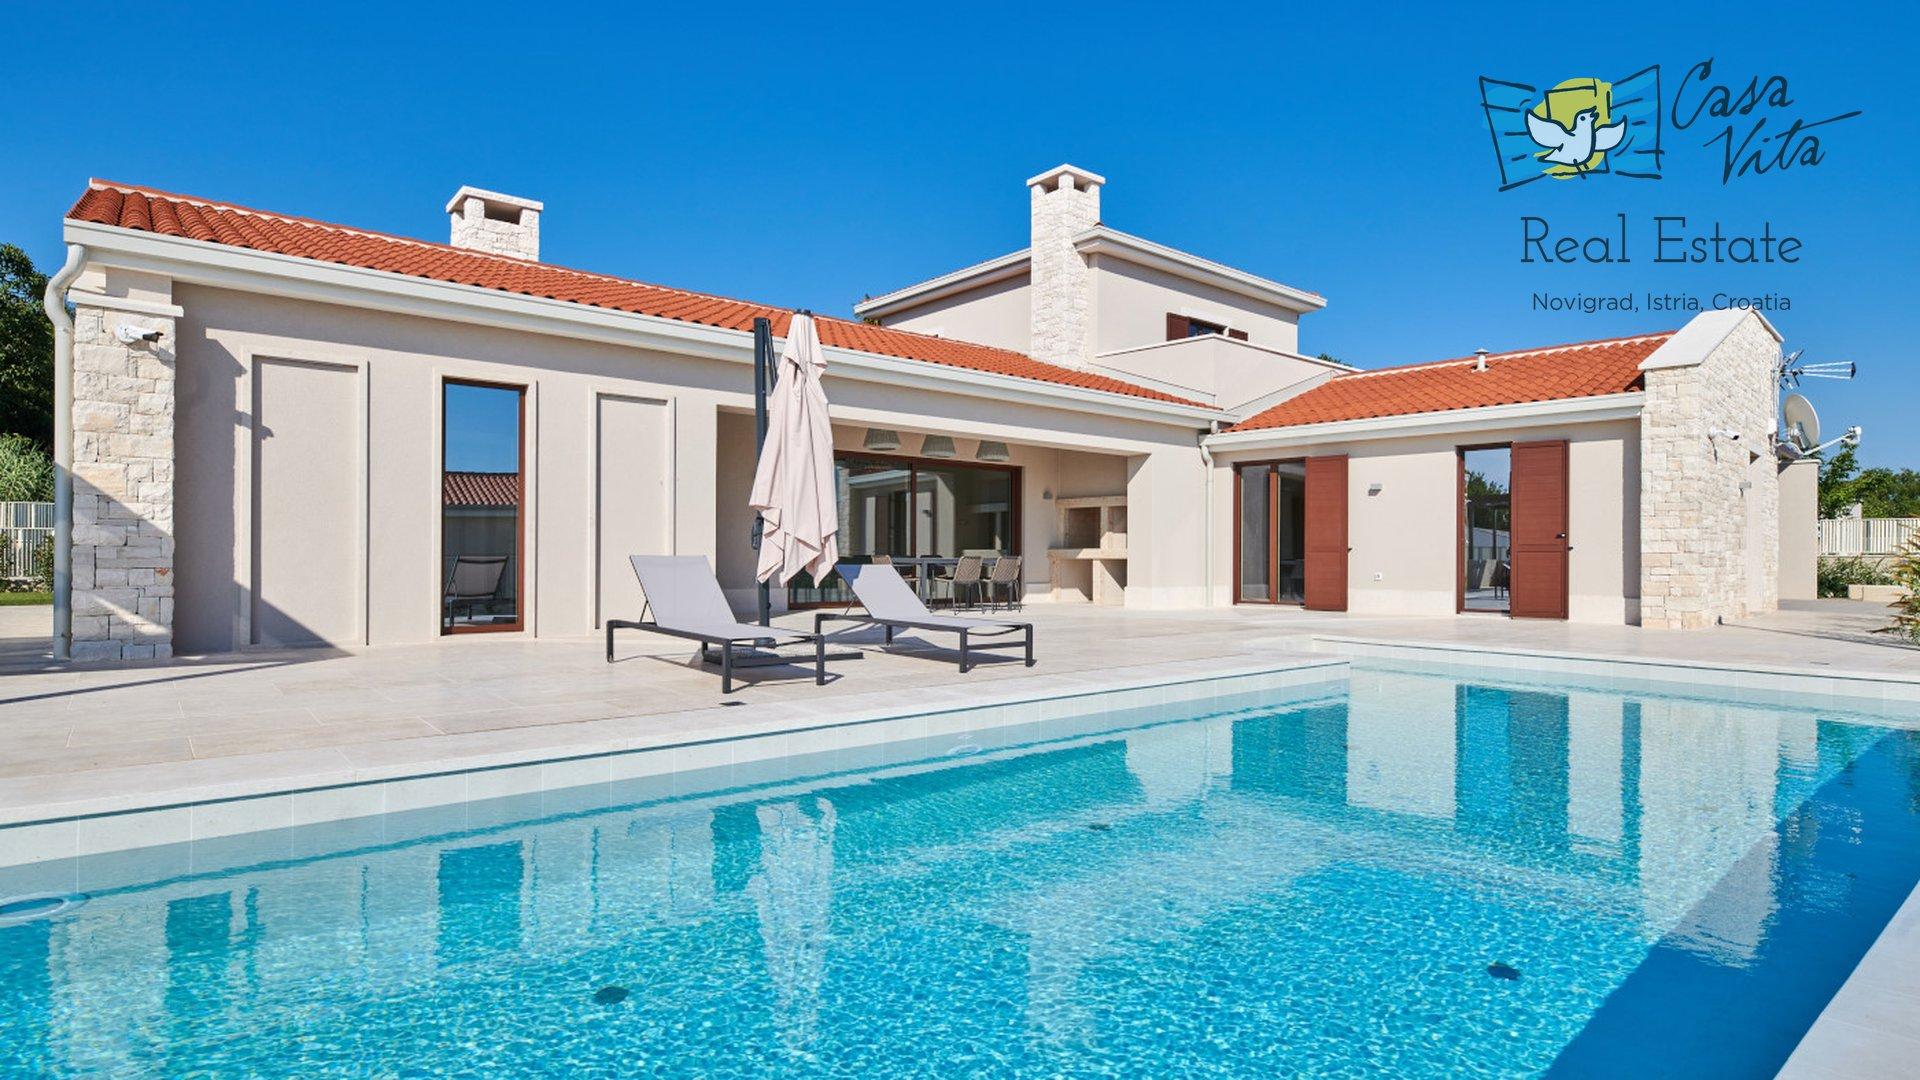 Prekrasna vila modernog dizajna sa koje se pruža predivan pogled na more!